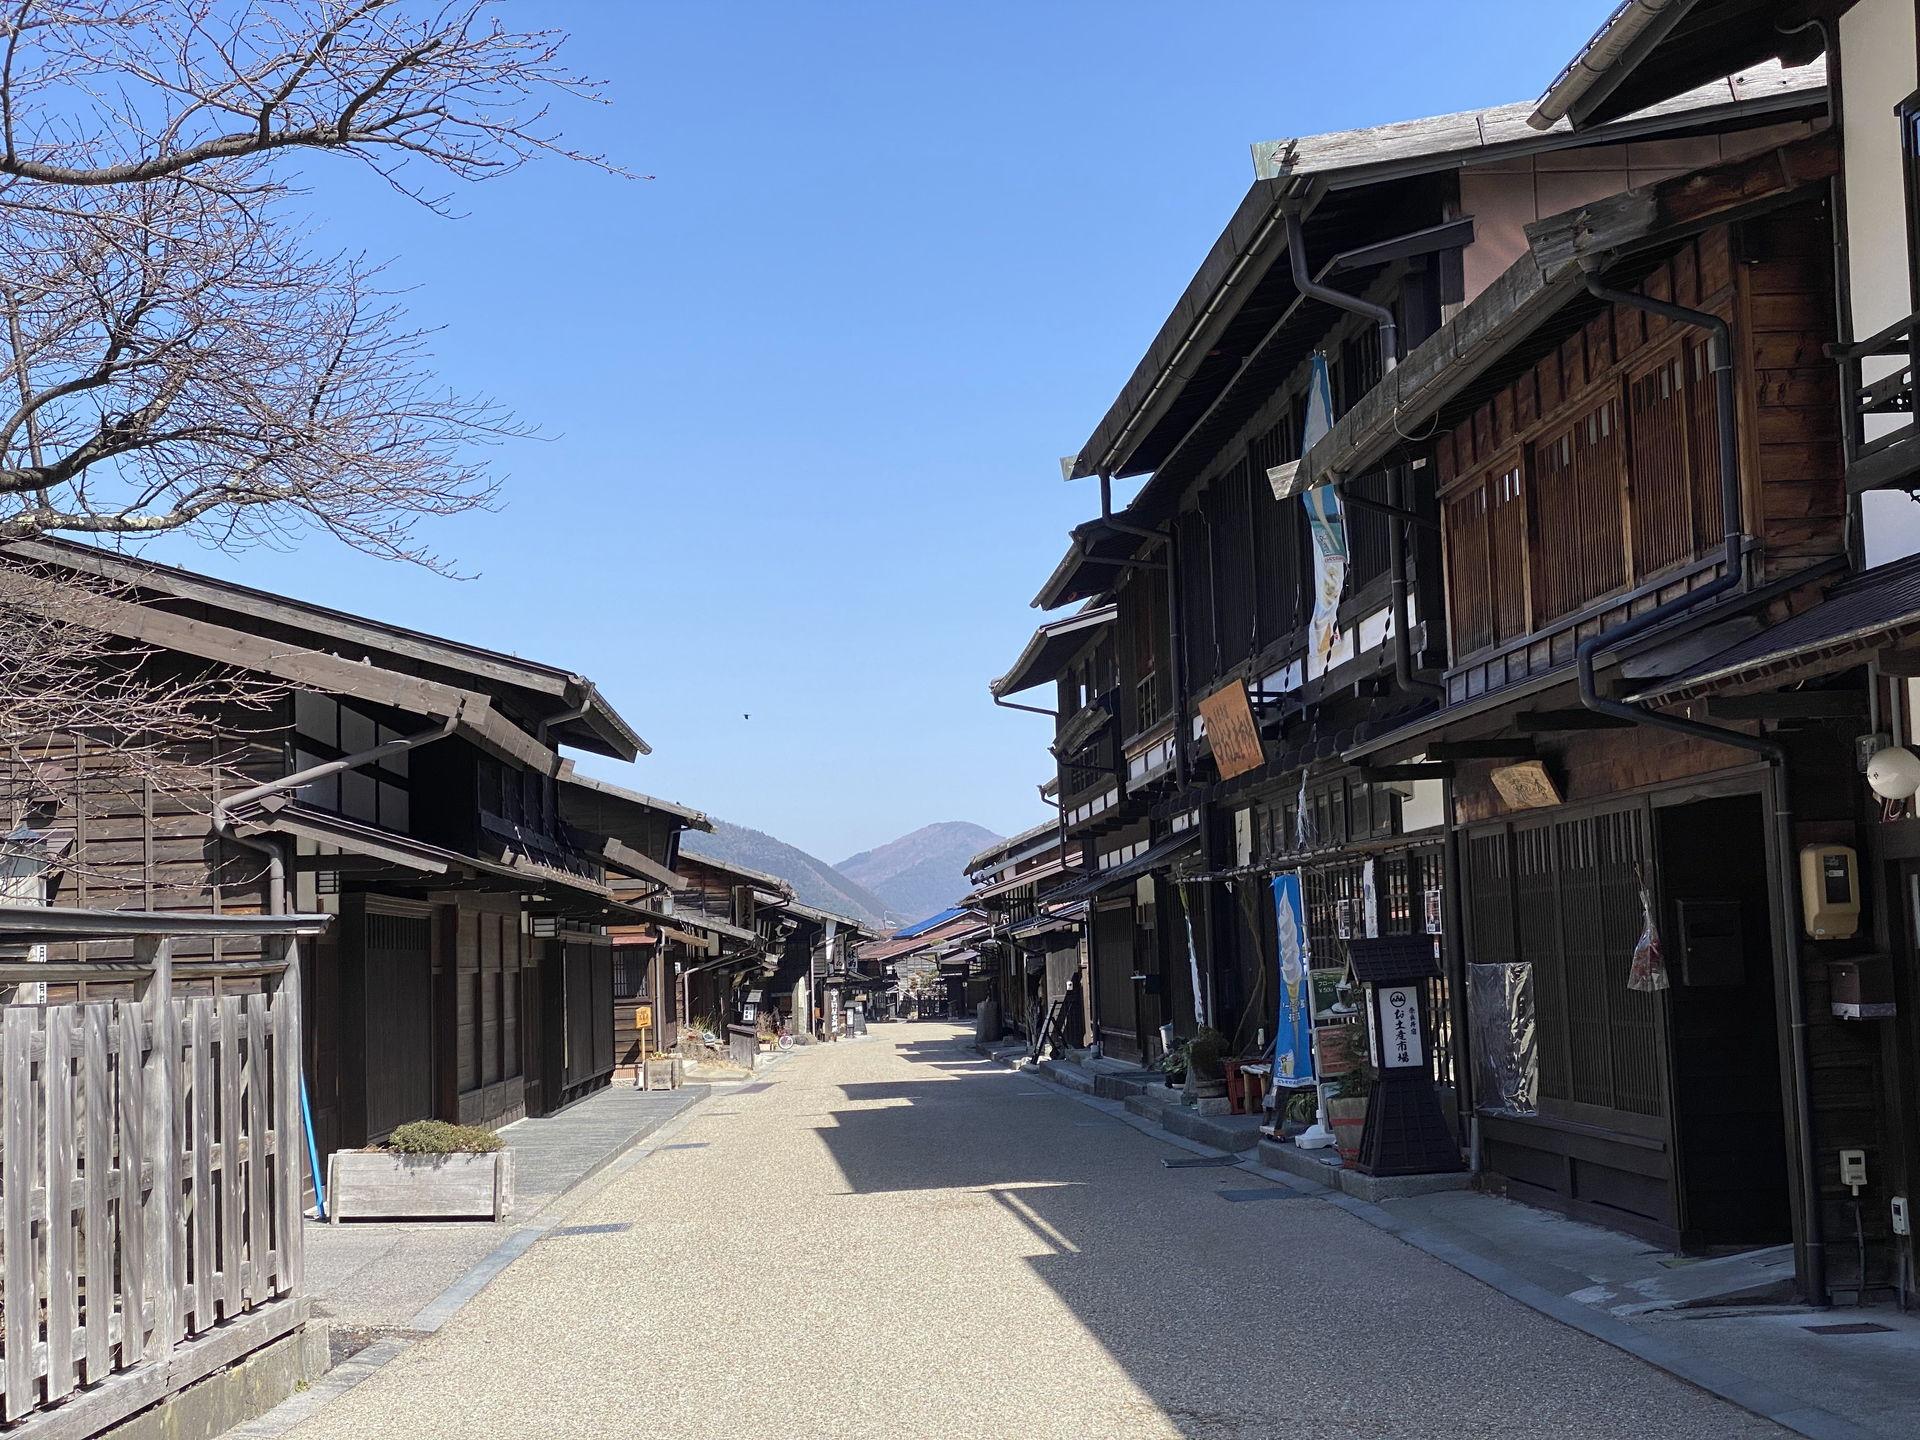 奈良井宿(塩尻)へのお散歩の旅